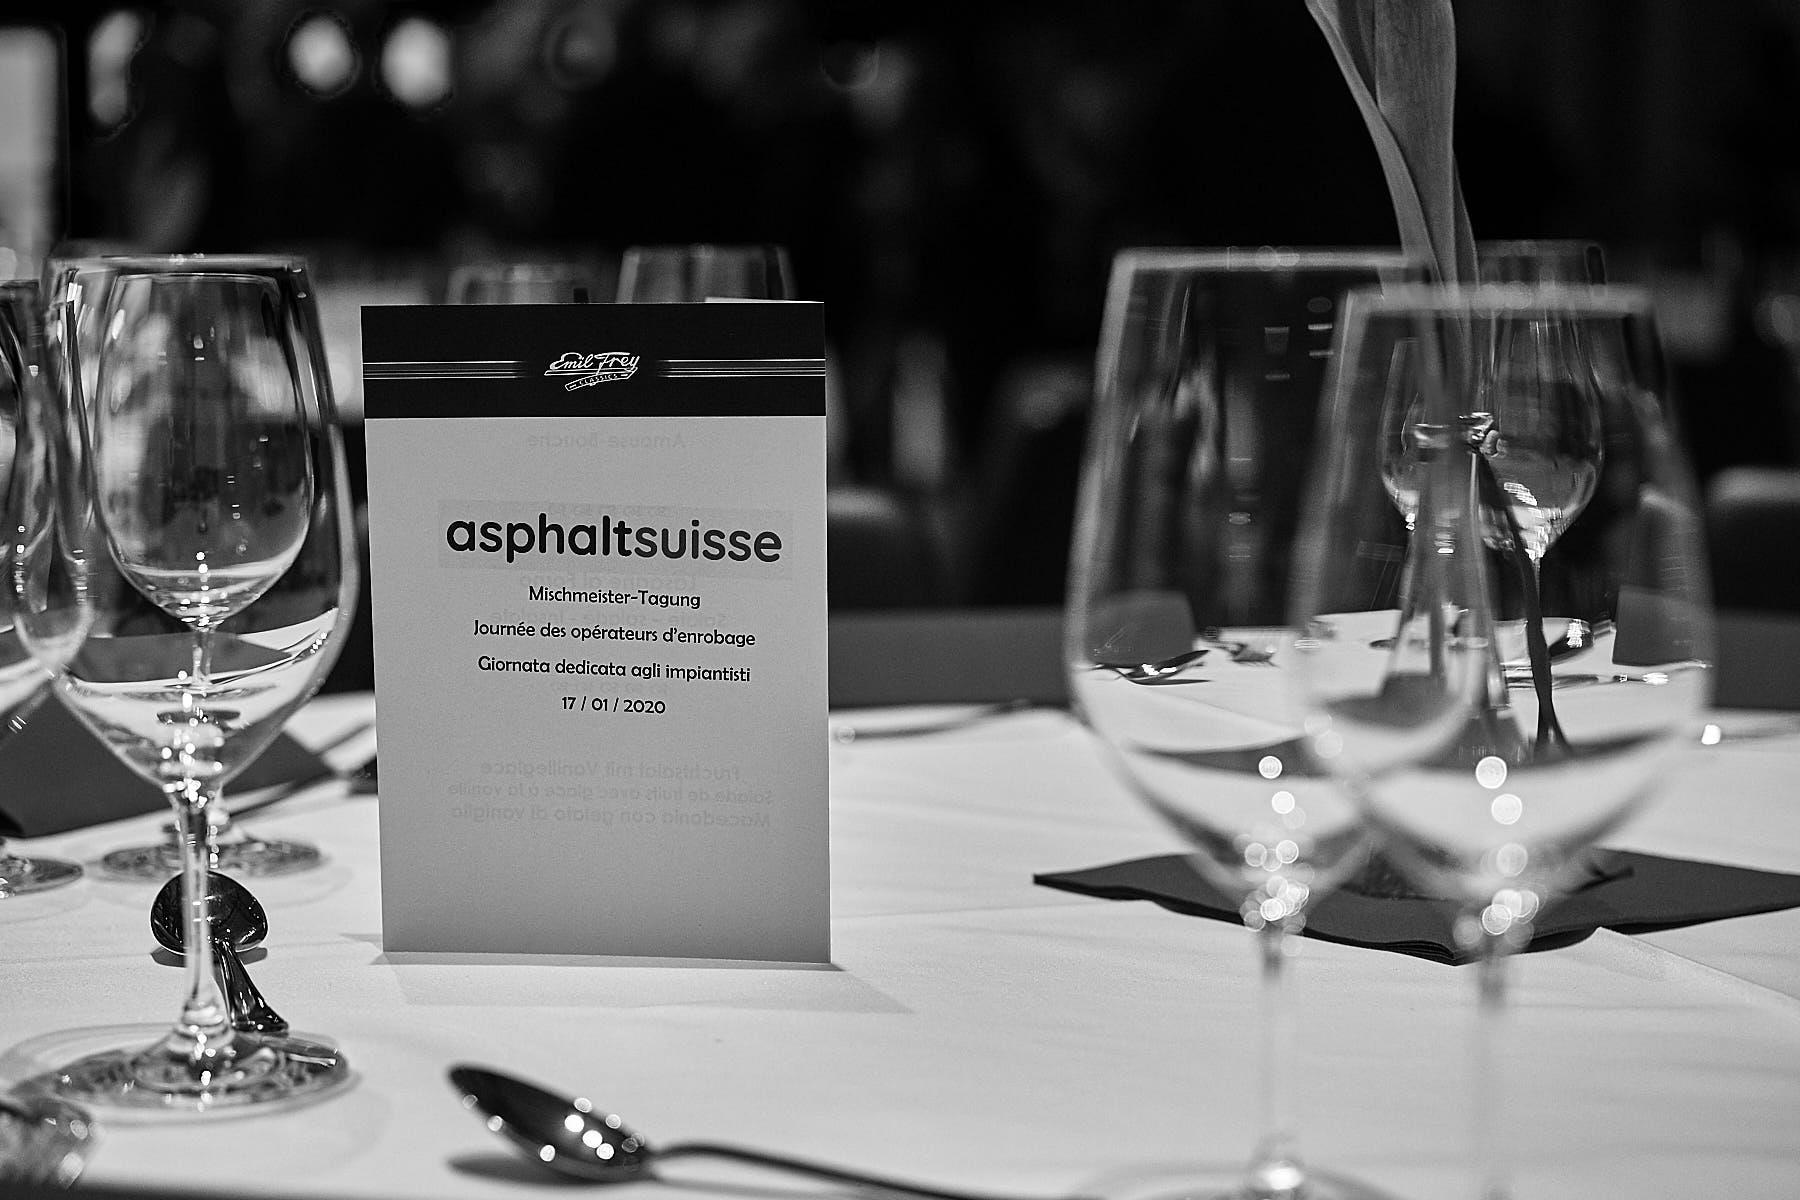 Industriefotografie für den Verband asphaltsuisse, Veranstaltungsfotografie Mischmeistertagung 2020